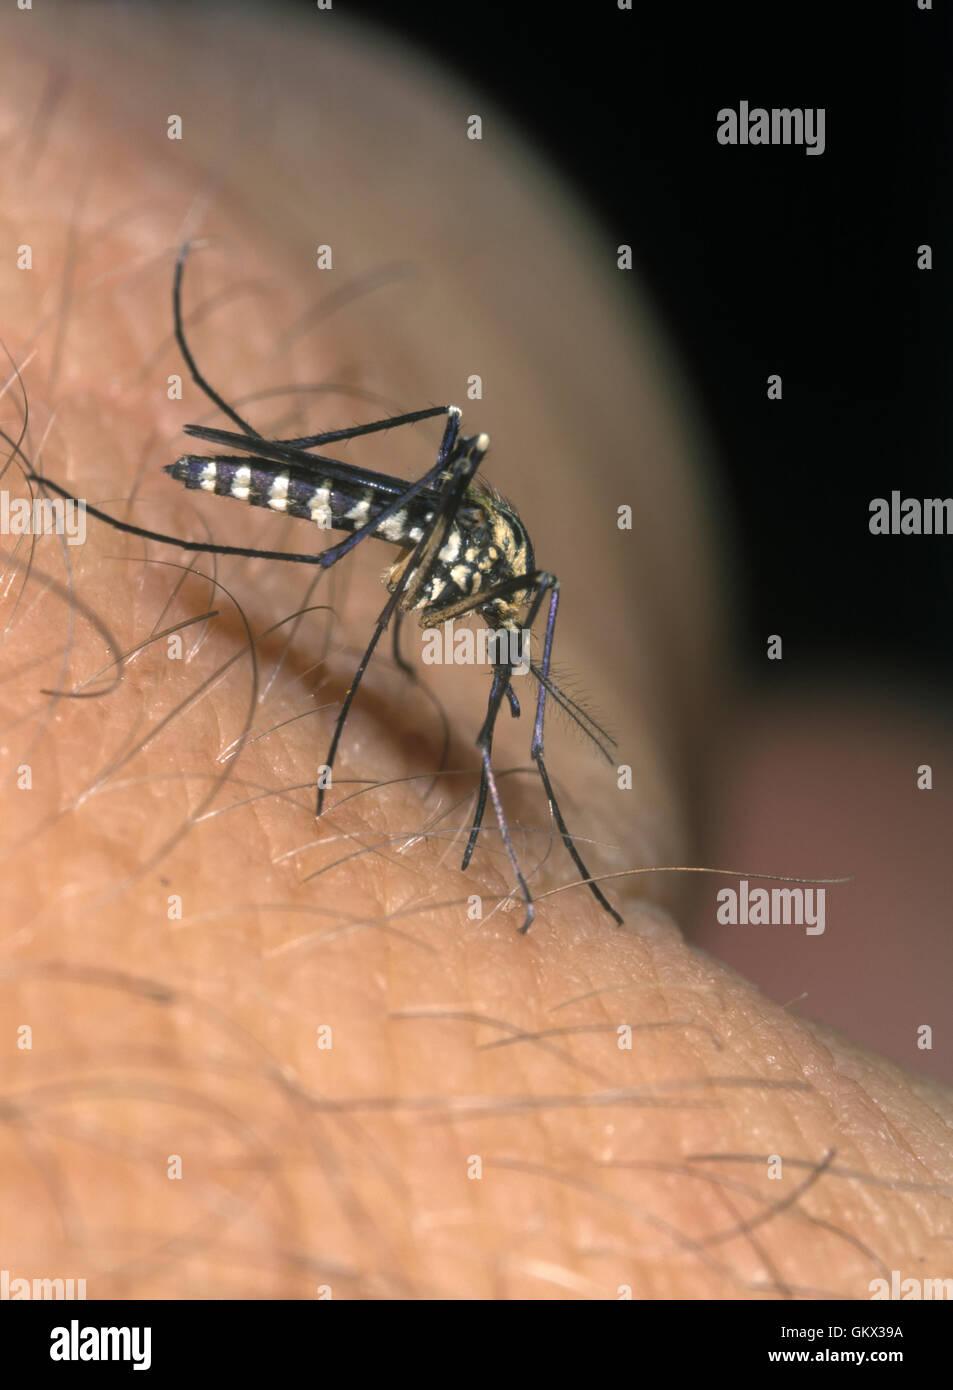 Zanzara Aedes sp. Femmina di succhiare il sangue dalla pelle umana. Il Portogallo. Immagini Stock